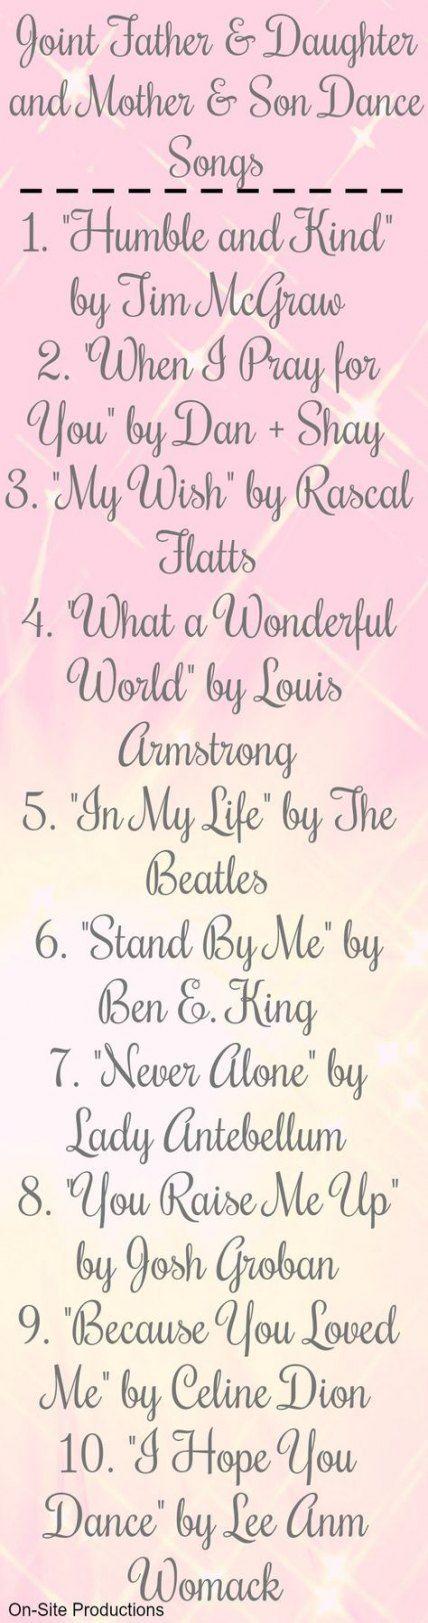 51 Ideas Wedding Songs First Dance R B Daddy Daughter Mother Son Dance Songs Mother Son Dance Father Daughter Wedding Songs